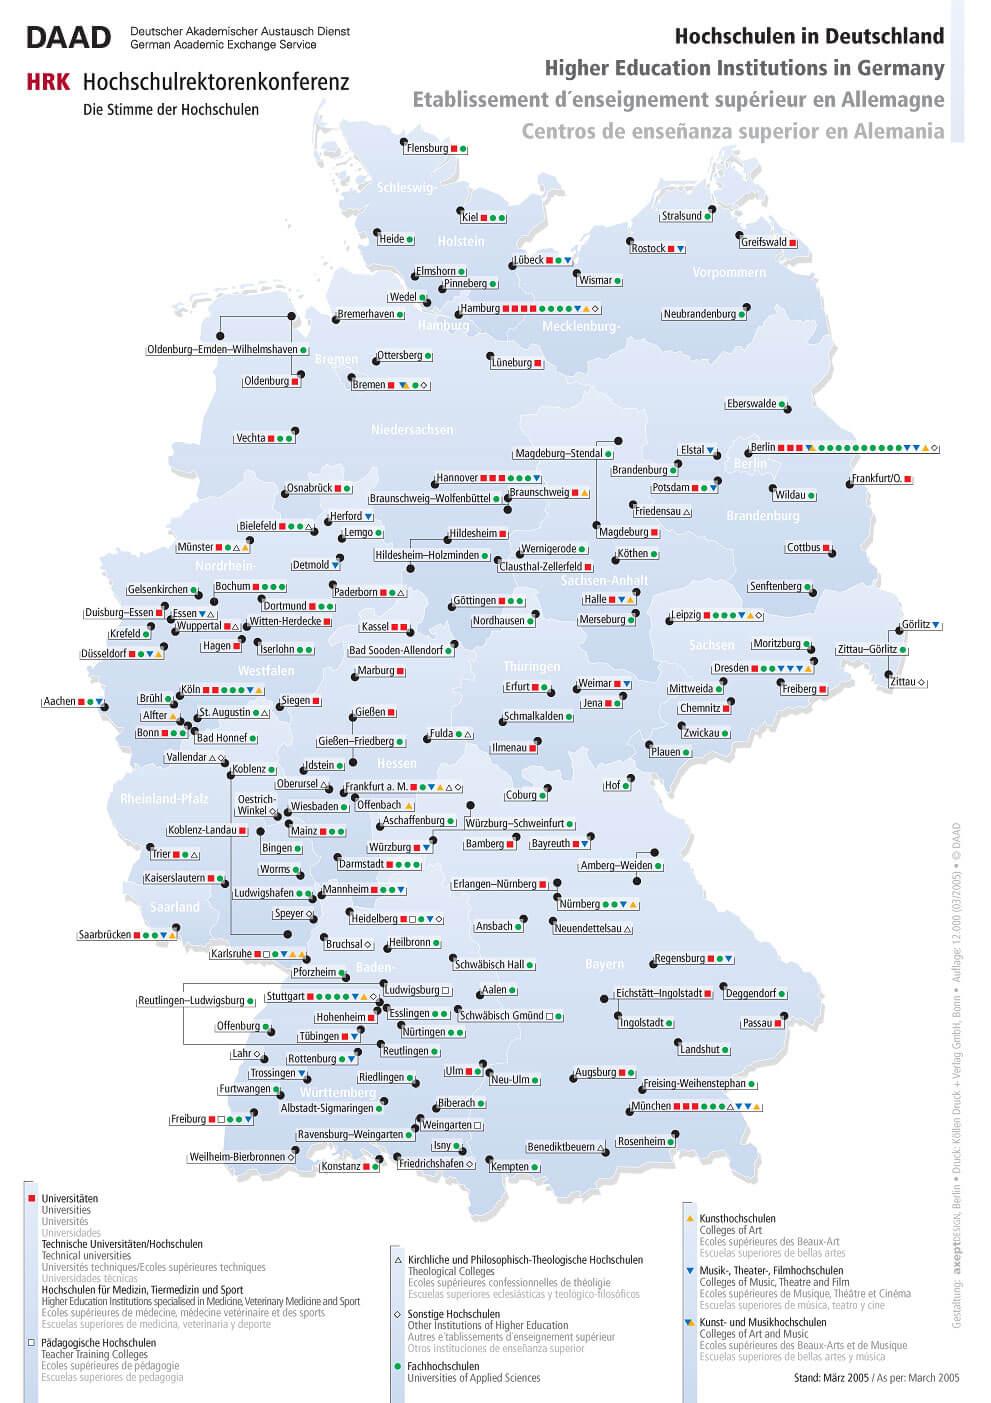 университеты германии